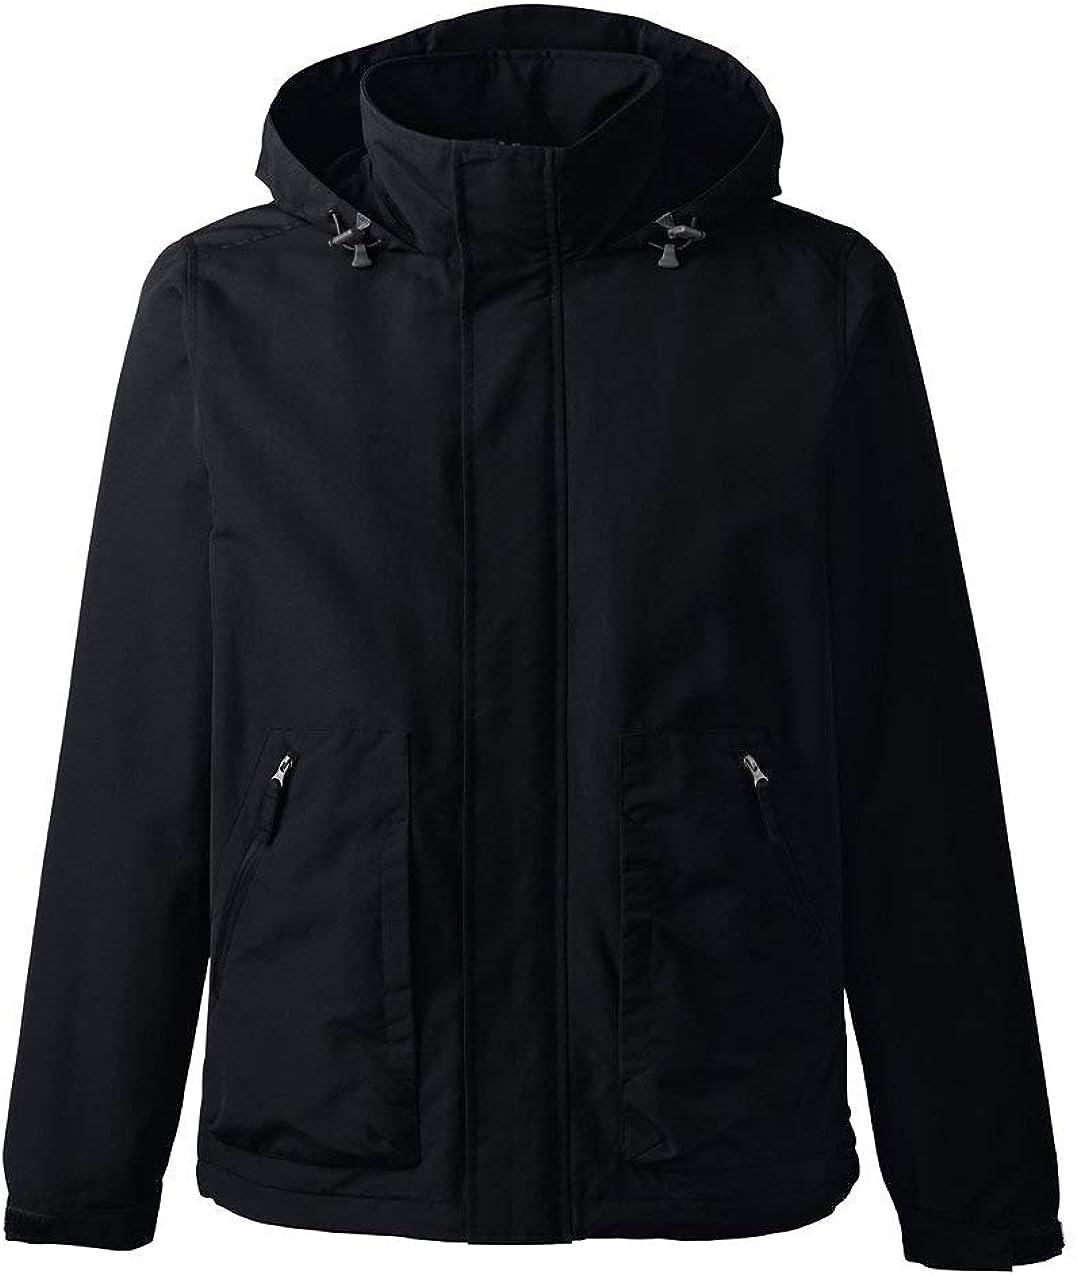 Lands' End Men's Outrigger Fleece Lined Jacket